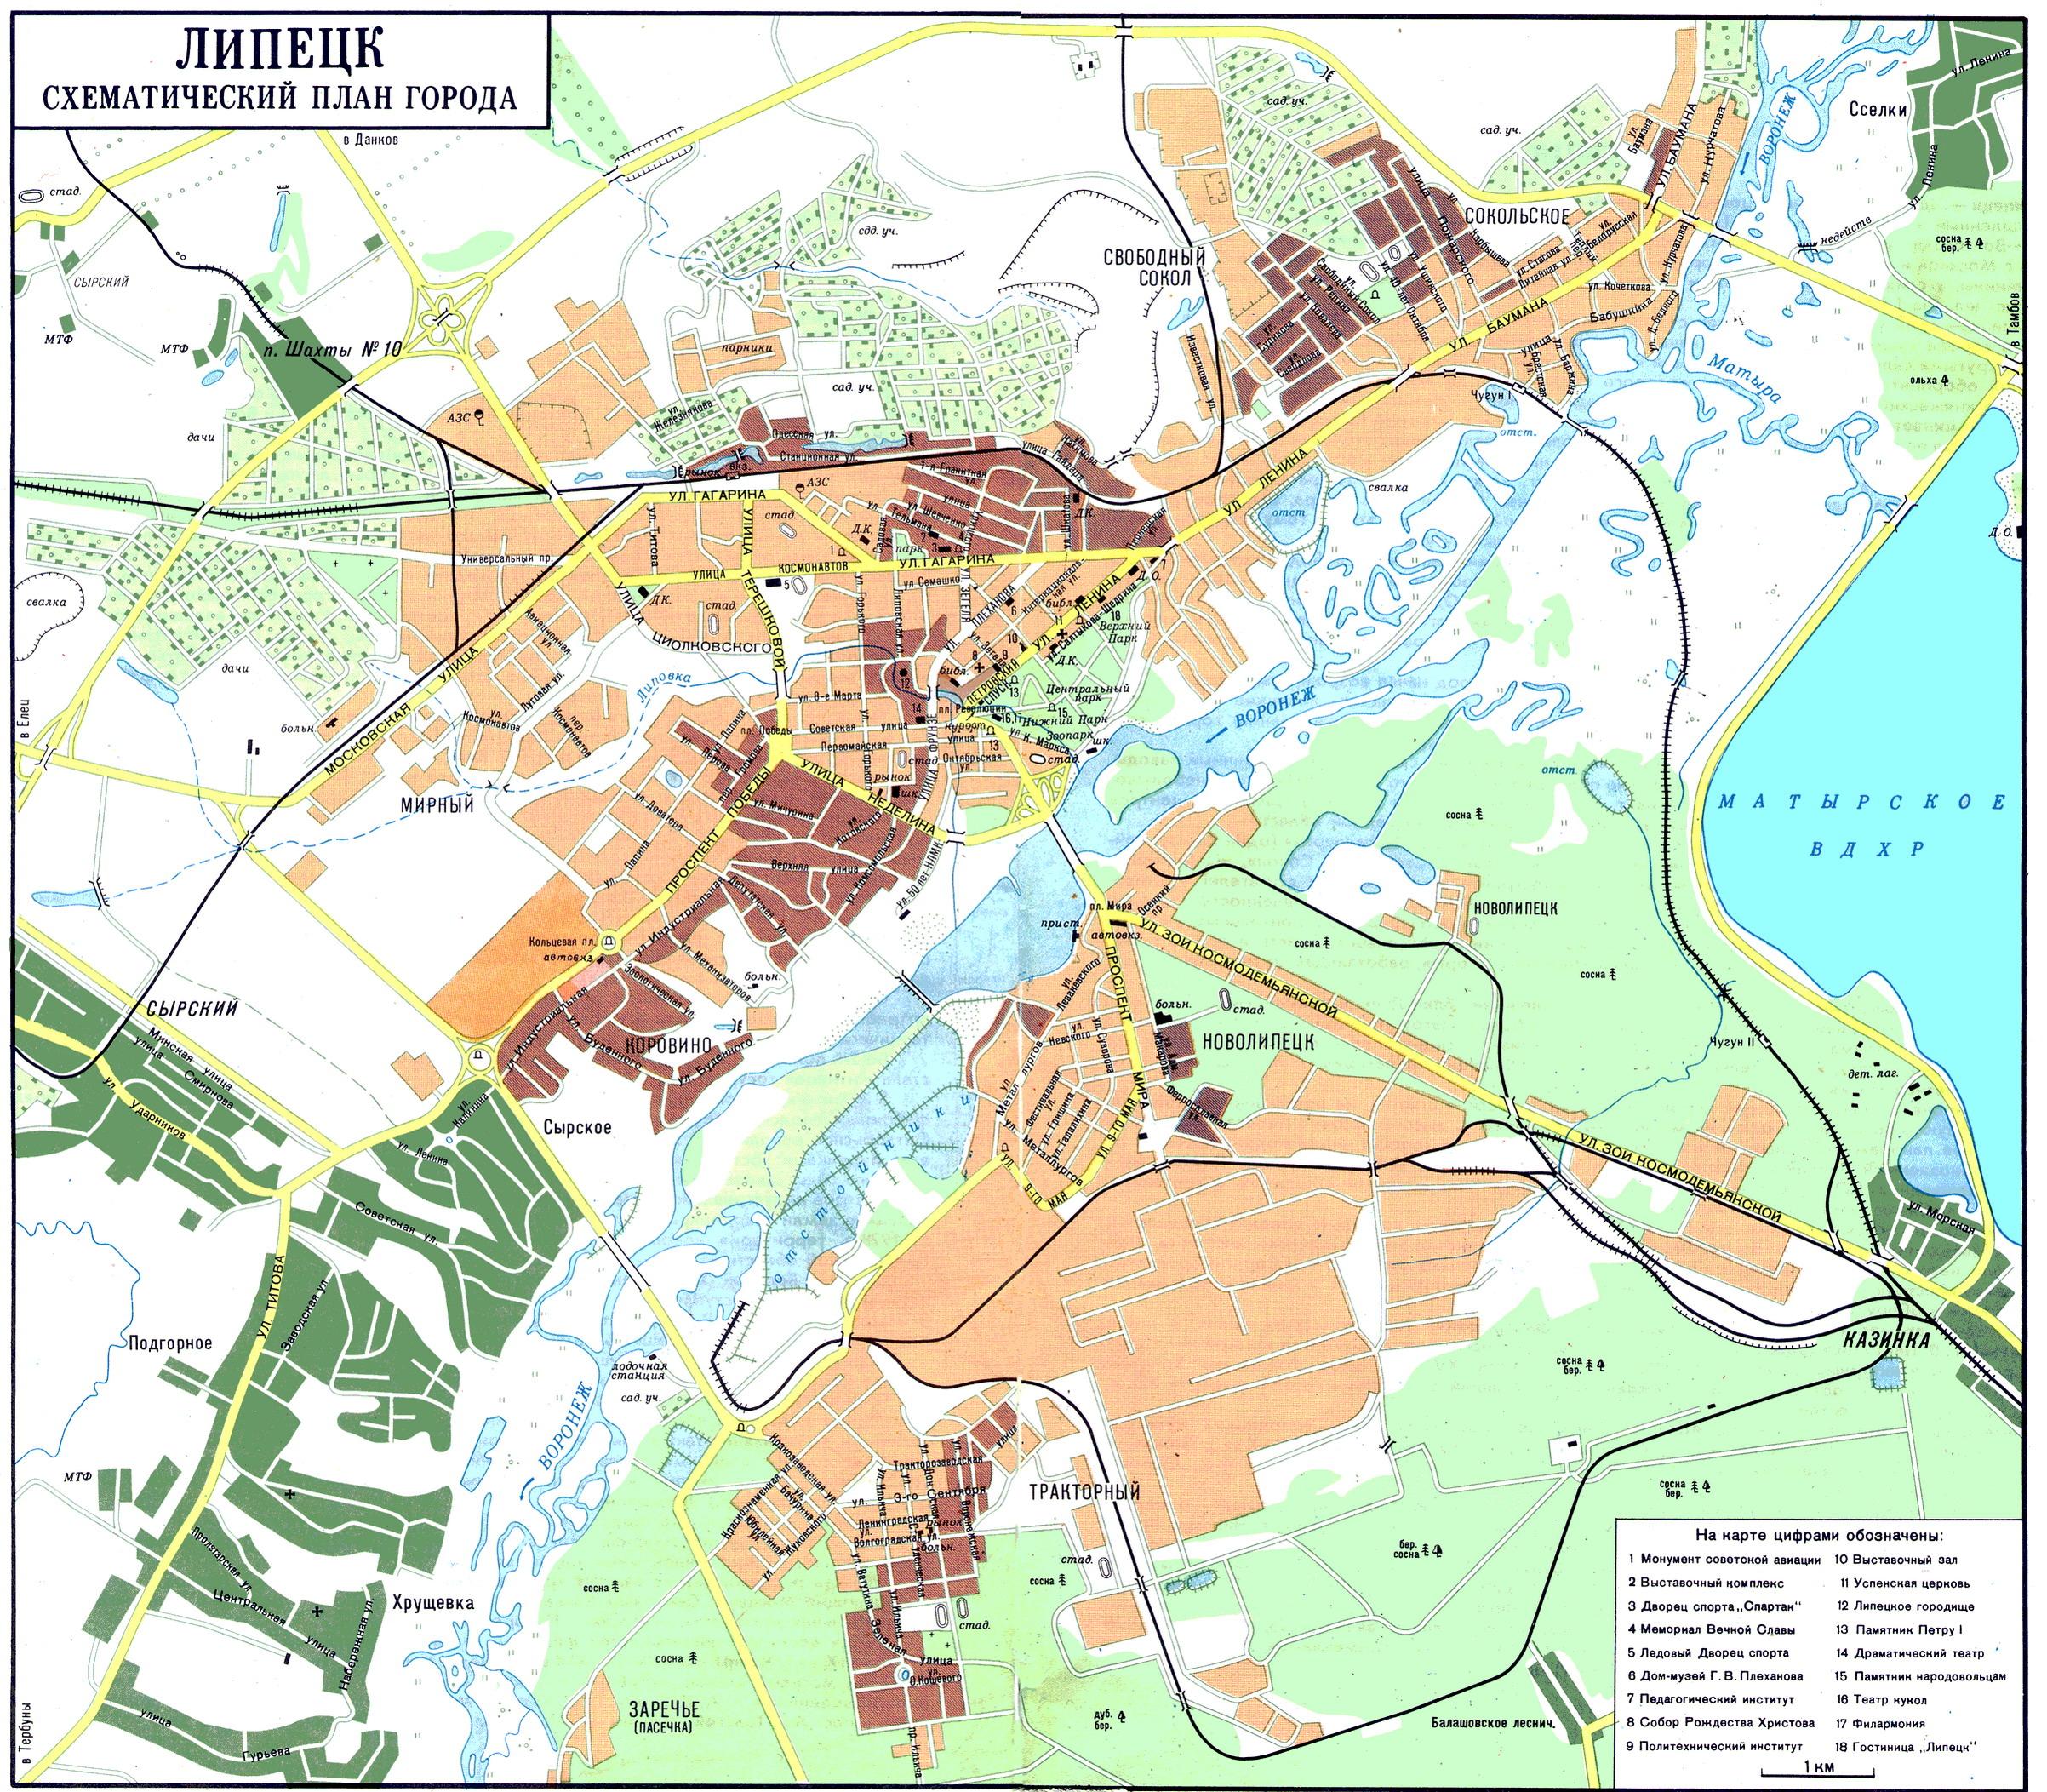 история карта города липецка по фотографии плитка